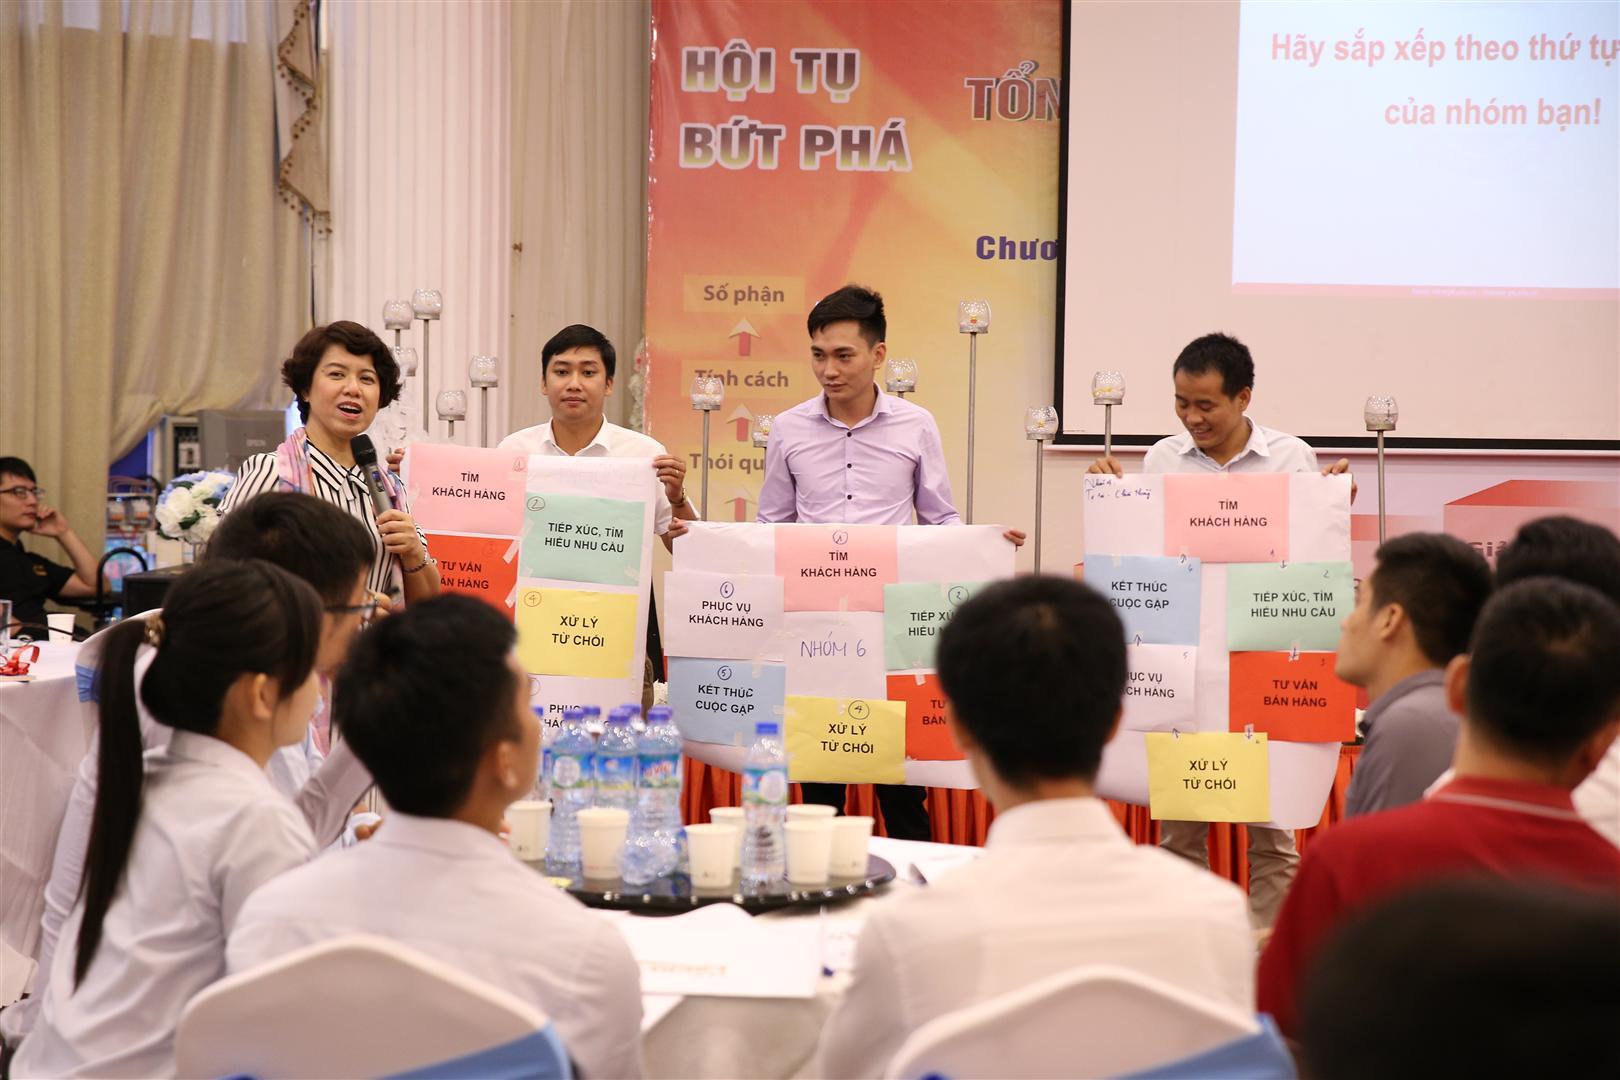 Bài tập nhóm kỹ năng bán hàng hiệu quả